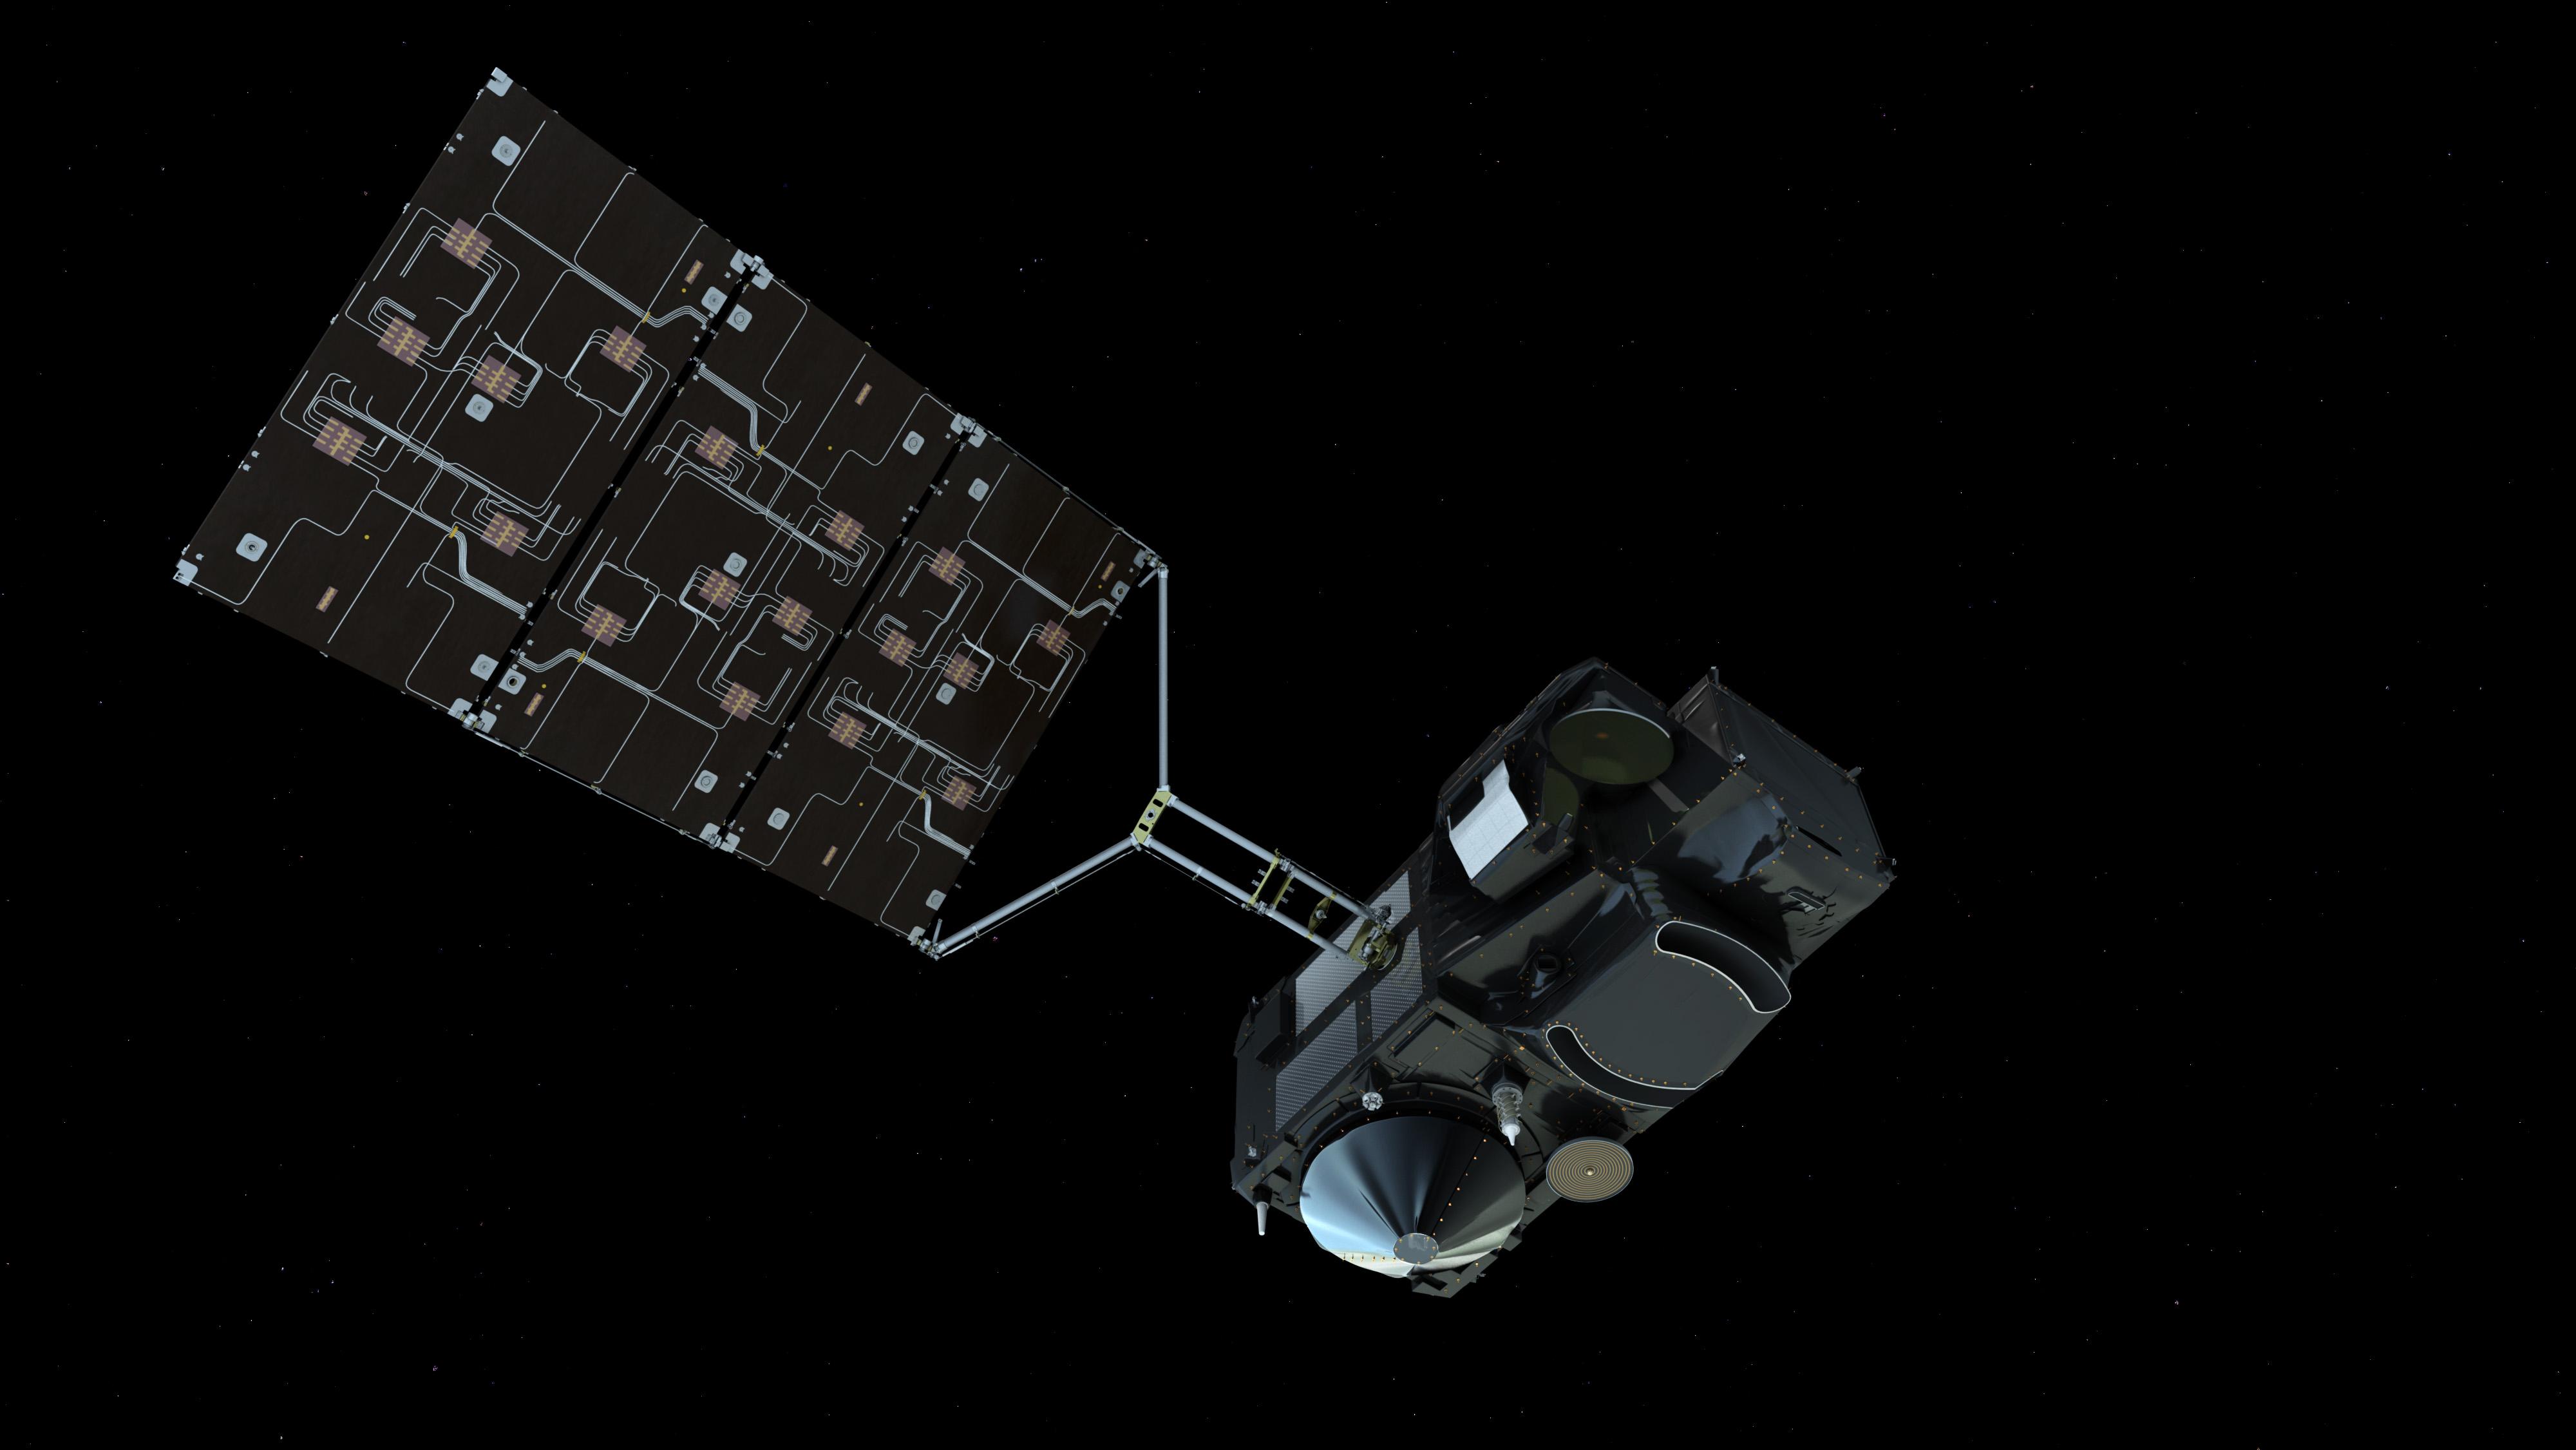 Sentinel 3 Spacecraft Copernicus Bpc 1 Dual Fuel Control Wiring Diagram Image Esa Atg Medialab